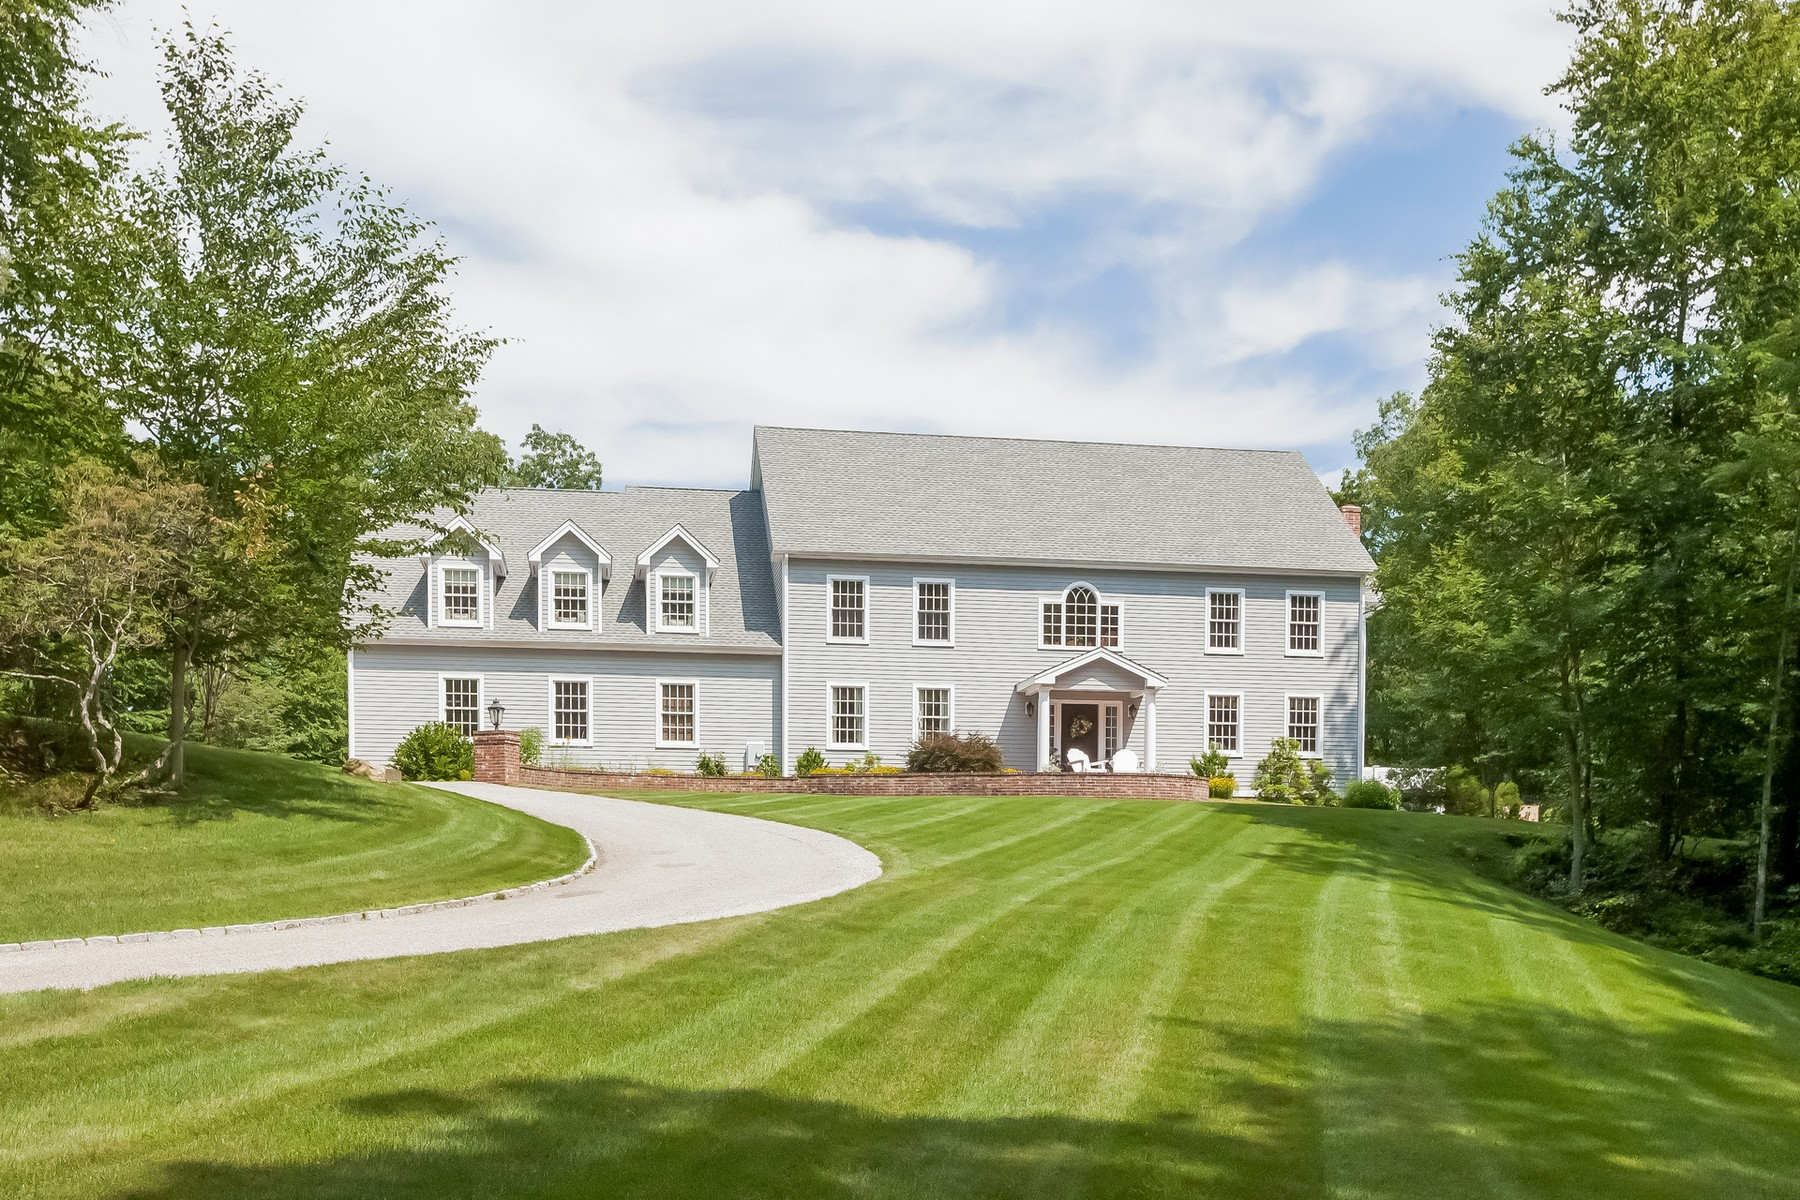 Nhà ở một gia đình vì Bán tại Immaculate Colonial on 7.4 Acres 15 Surrey Ridge Rd Killingworth, Connecticut 06419 Hoa Kỳ